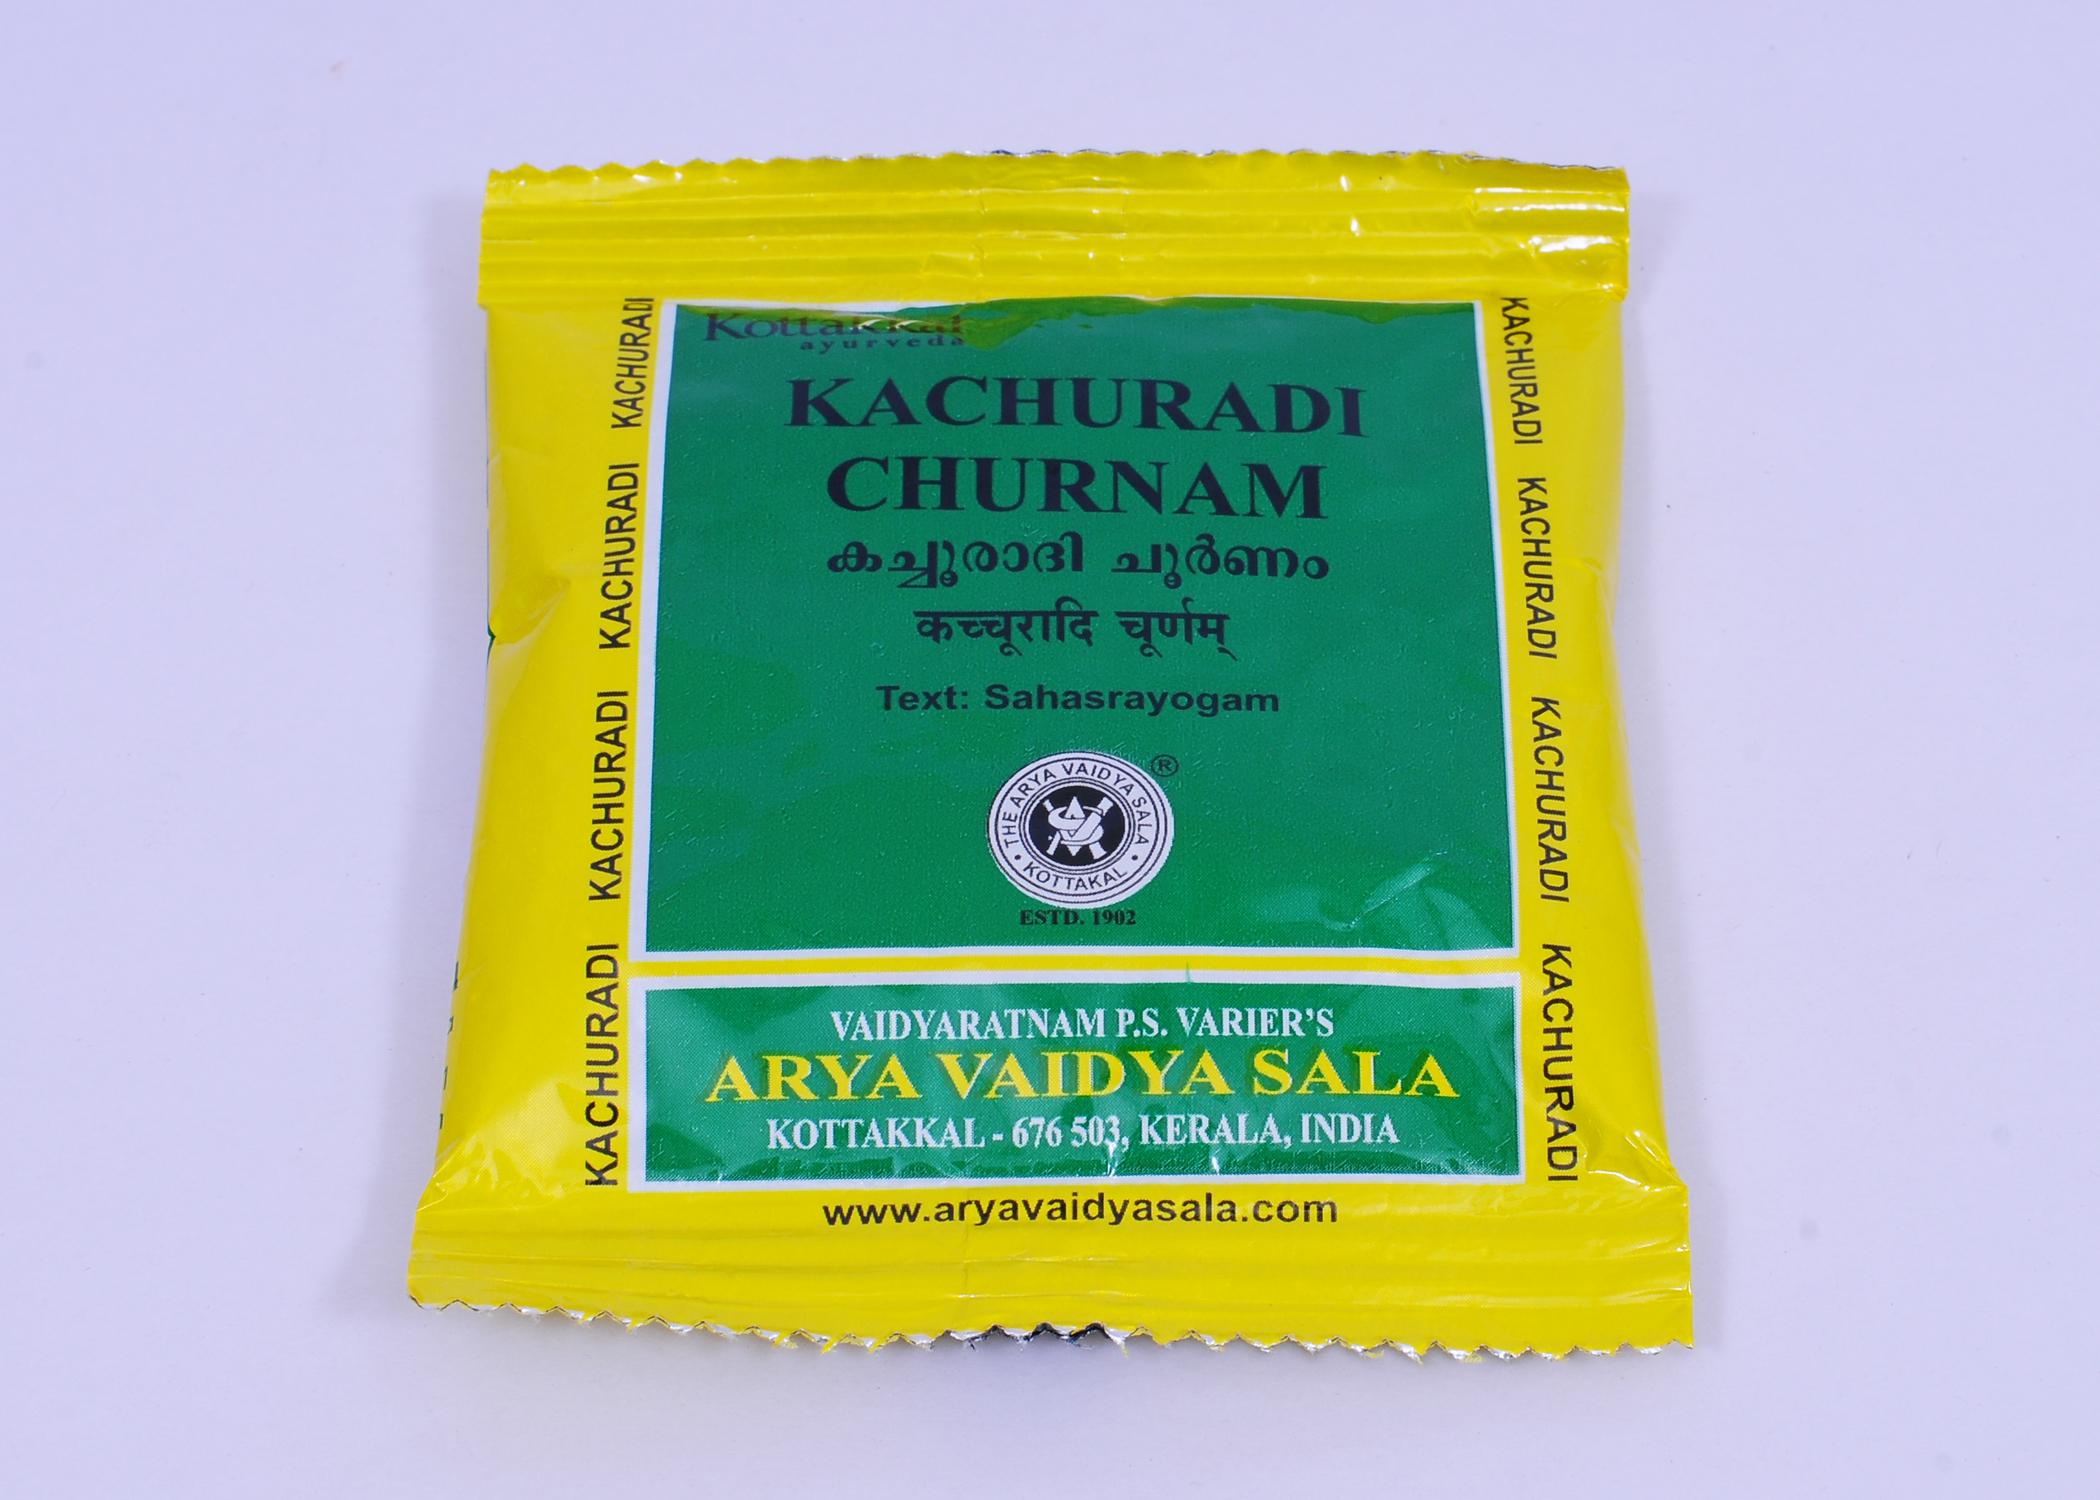 Kottakkal - Kachuradi Churnam